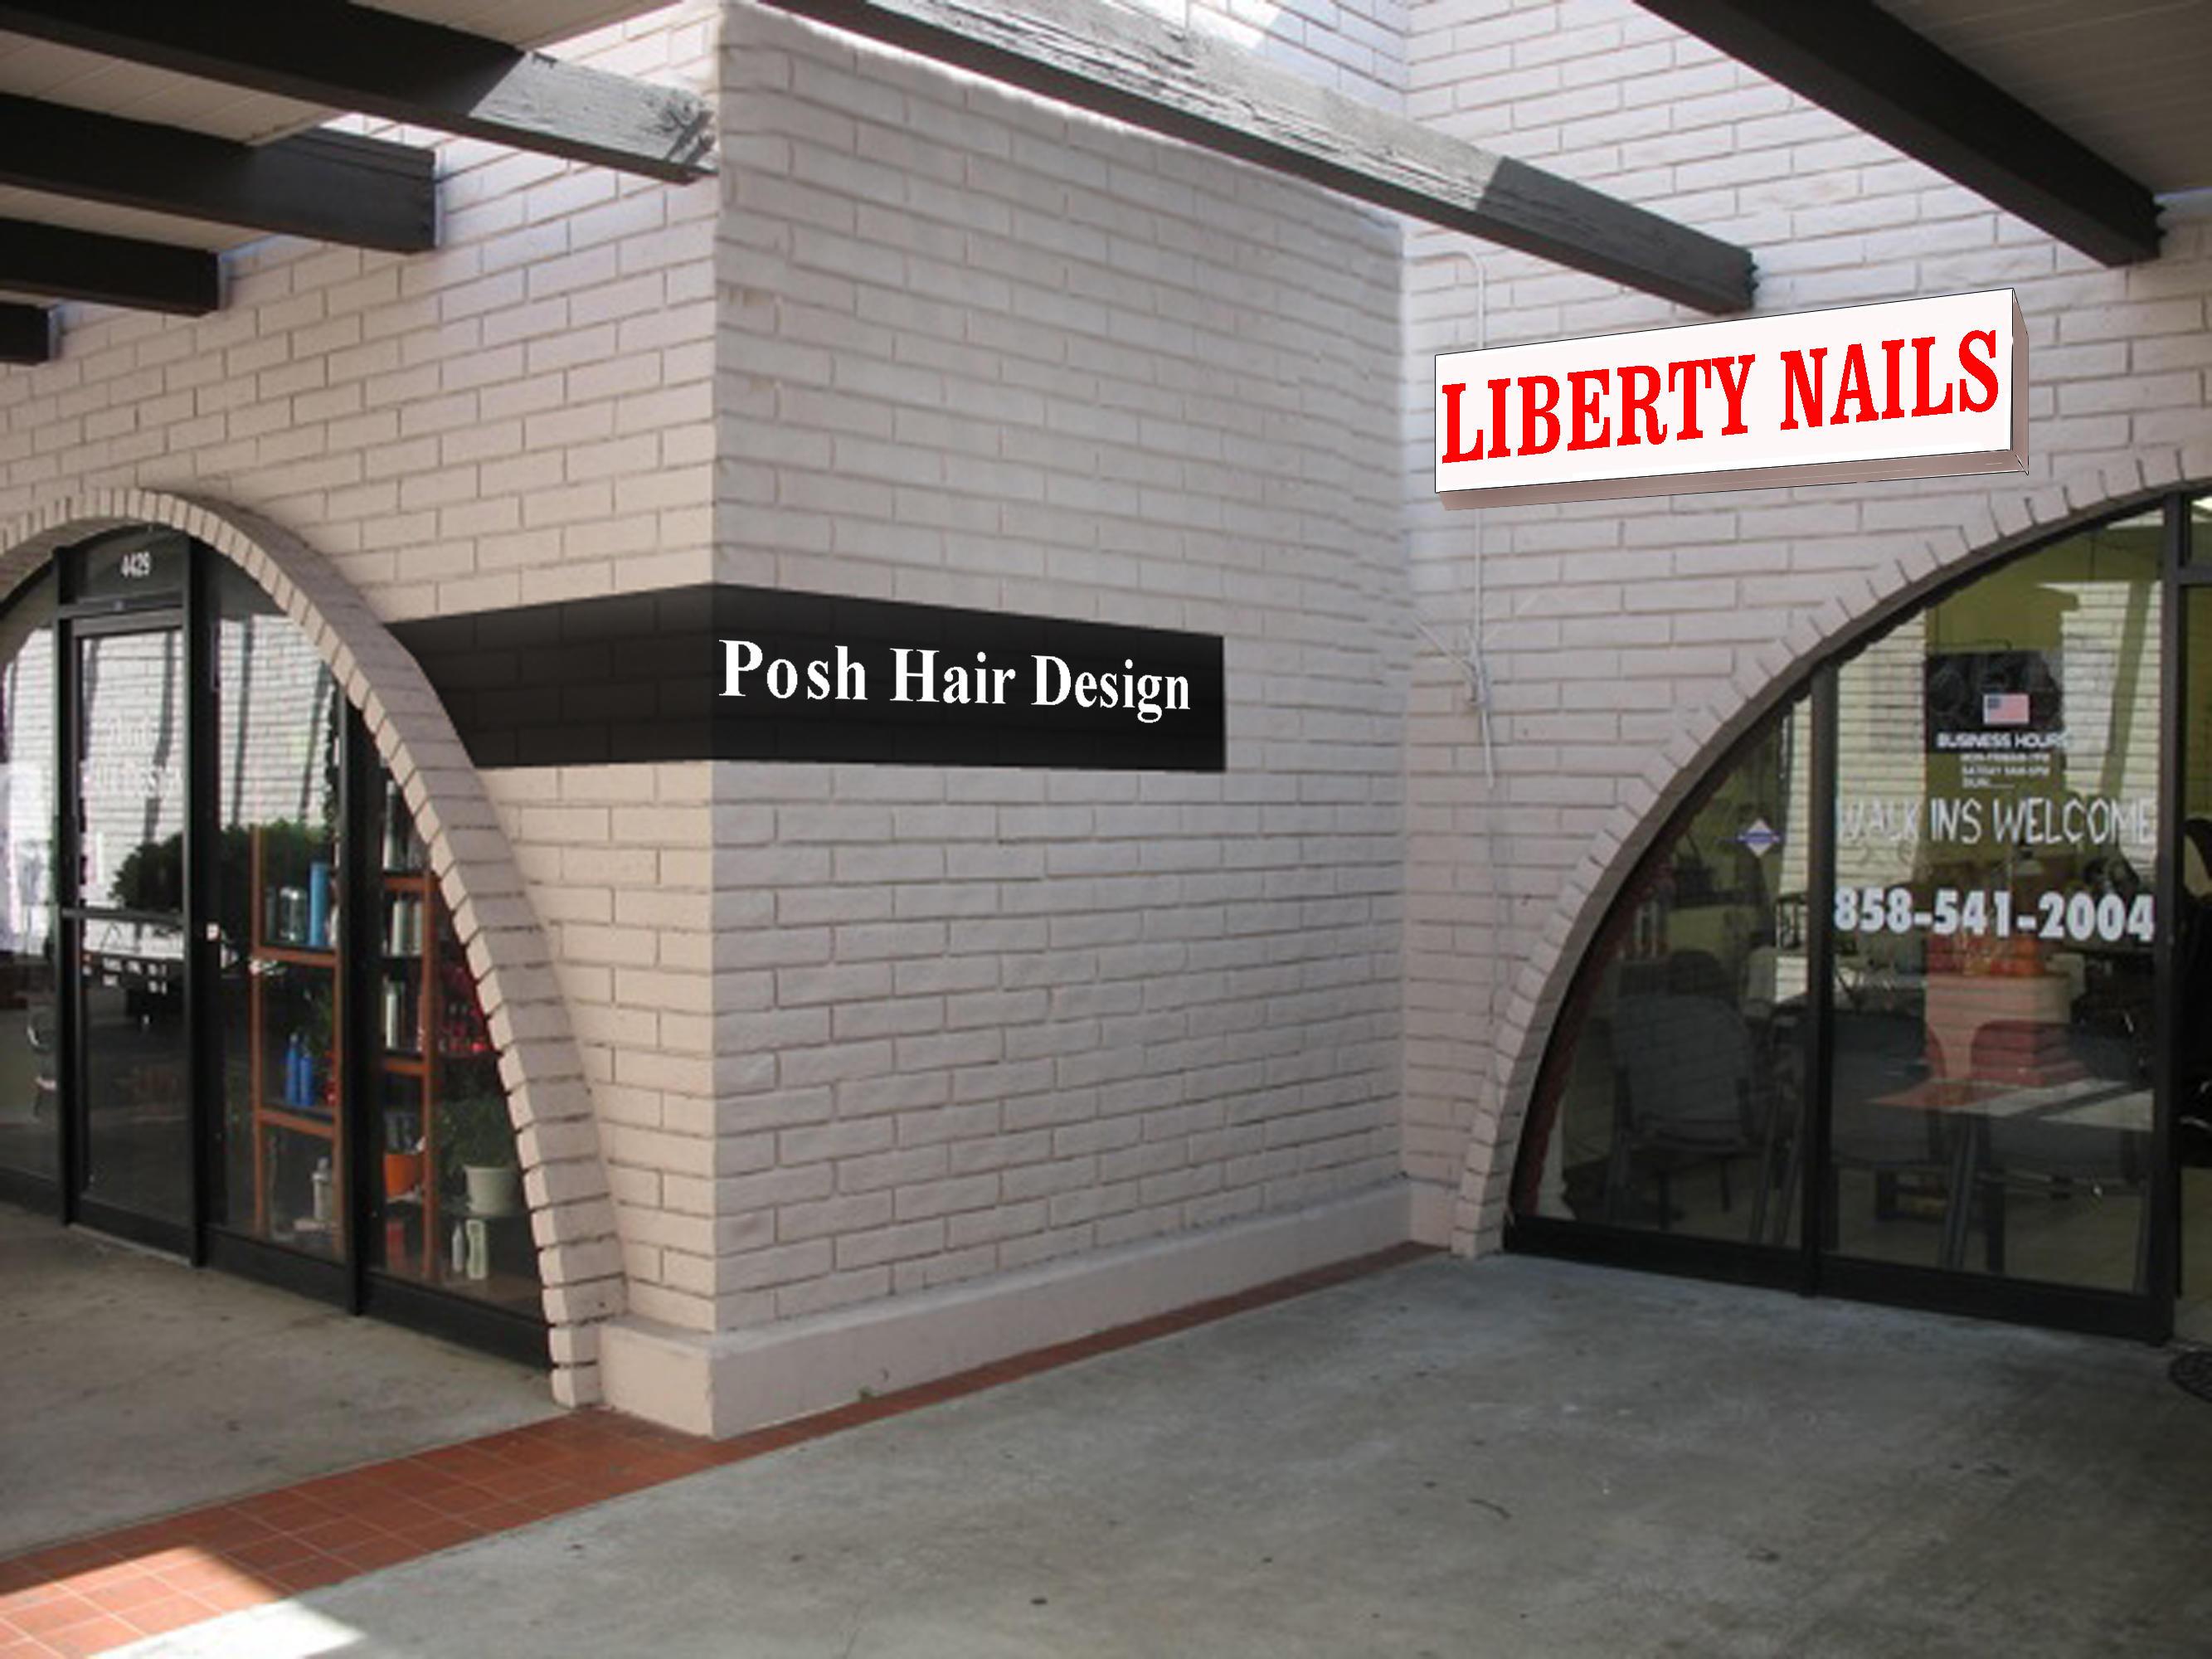 Posh Hair Designs